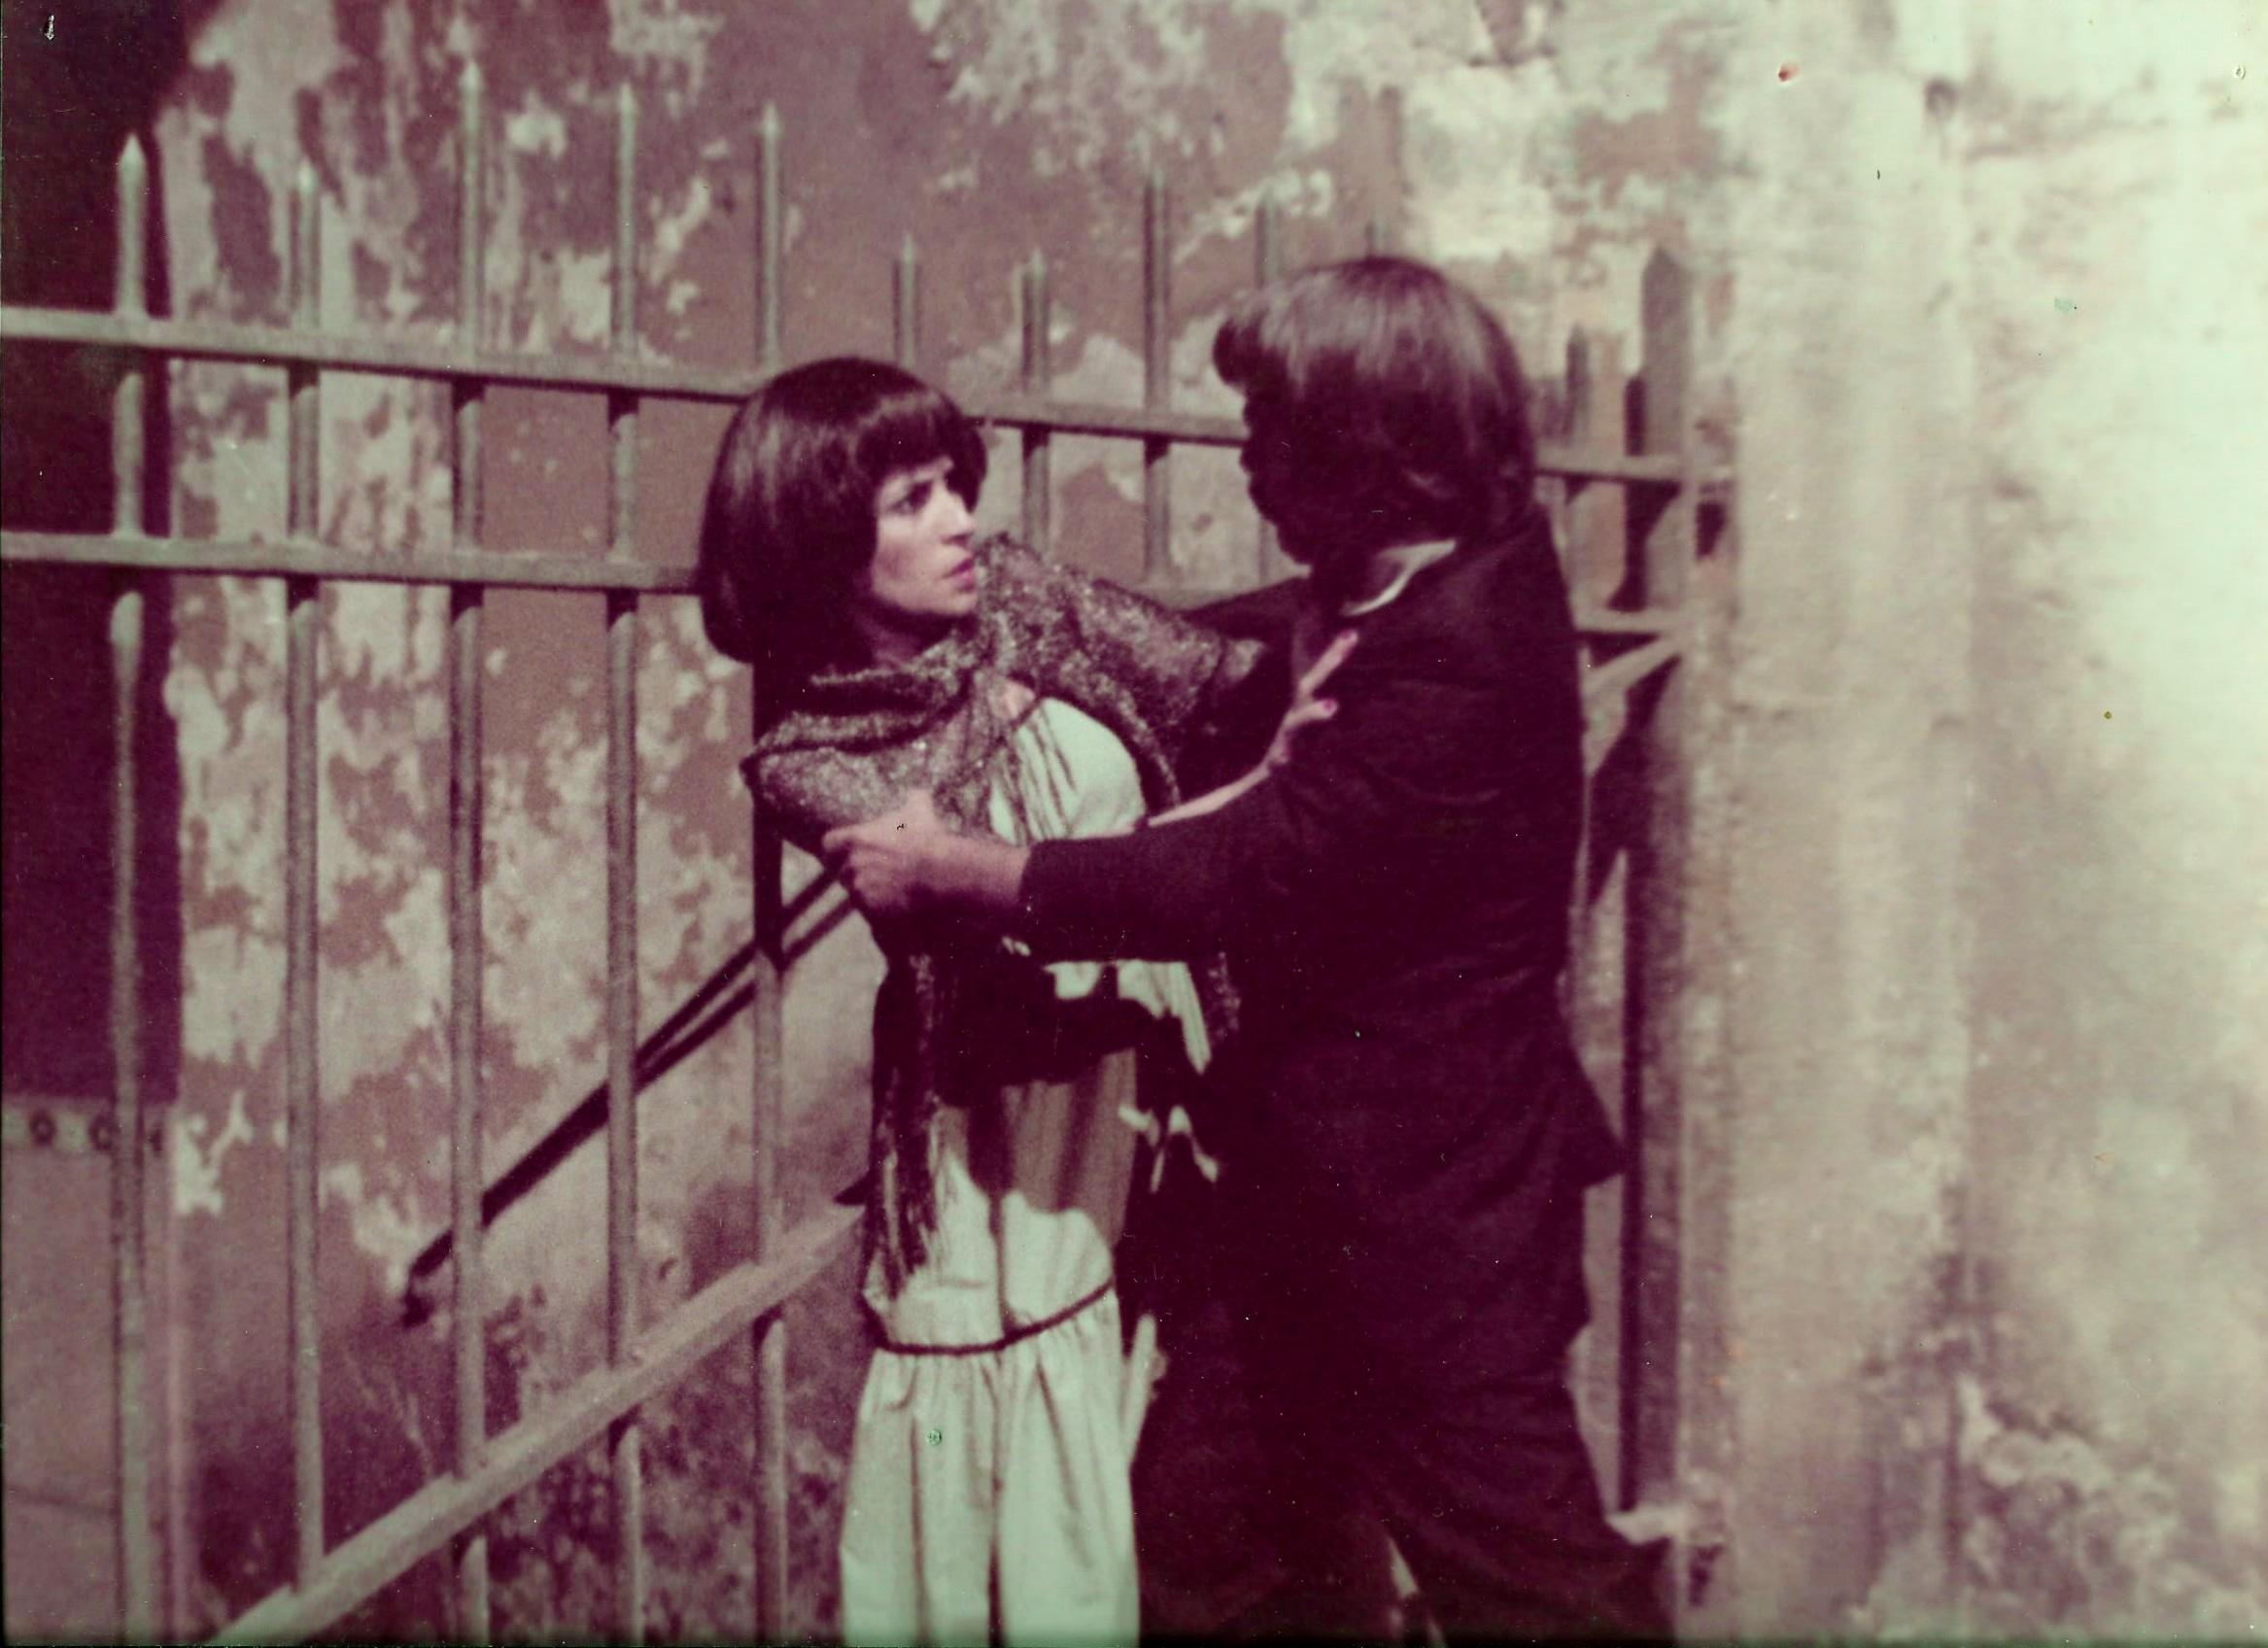 L''Acteur'', Sid Ali Kouiret veut embrasser ''L'Actrice'', Fettouma Ousliha- Empire des Rêves